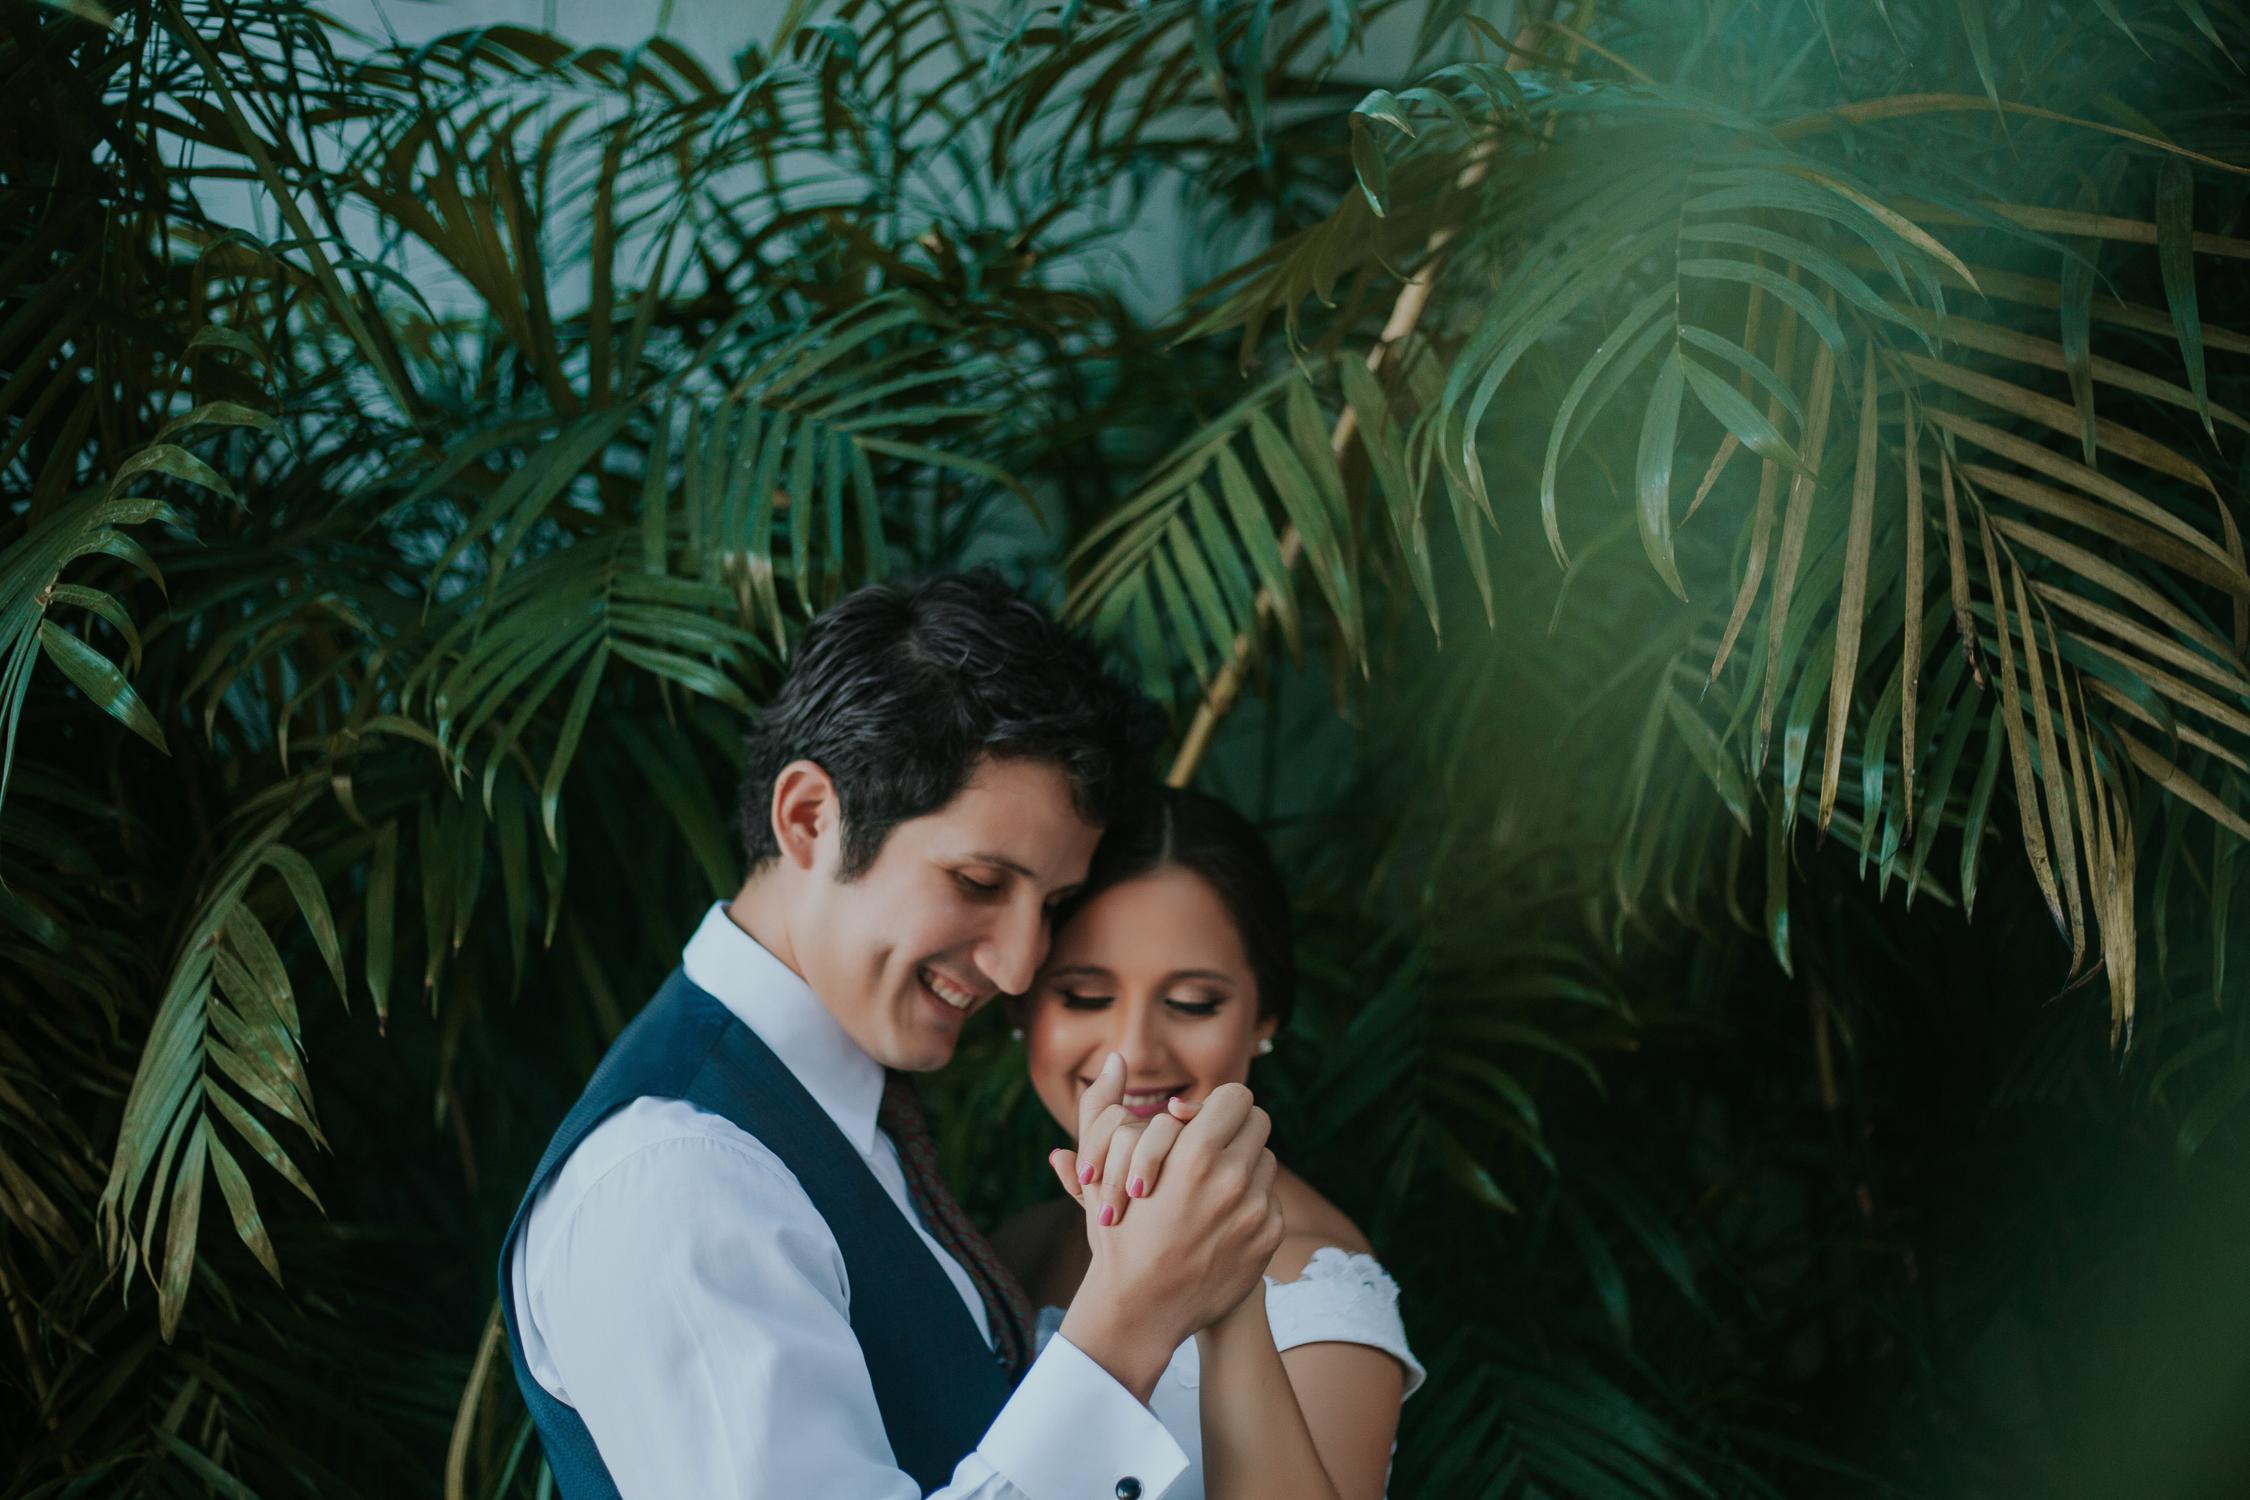 Michelle-Agurto-Fotografia-Bodas-Ecuador-Destination-Wedding-Photographer-Adriana-Allan-5.JPG